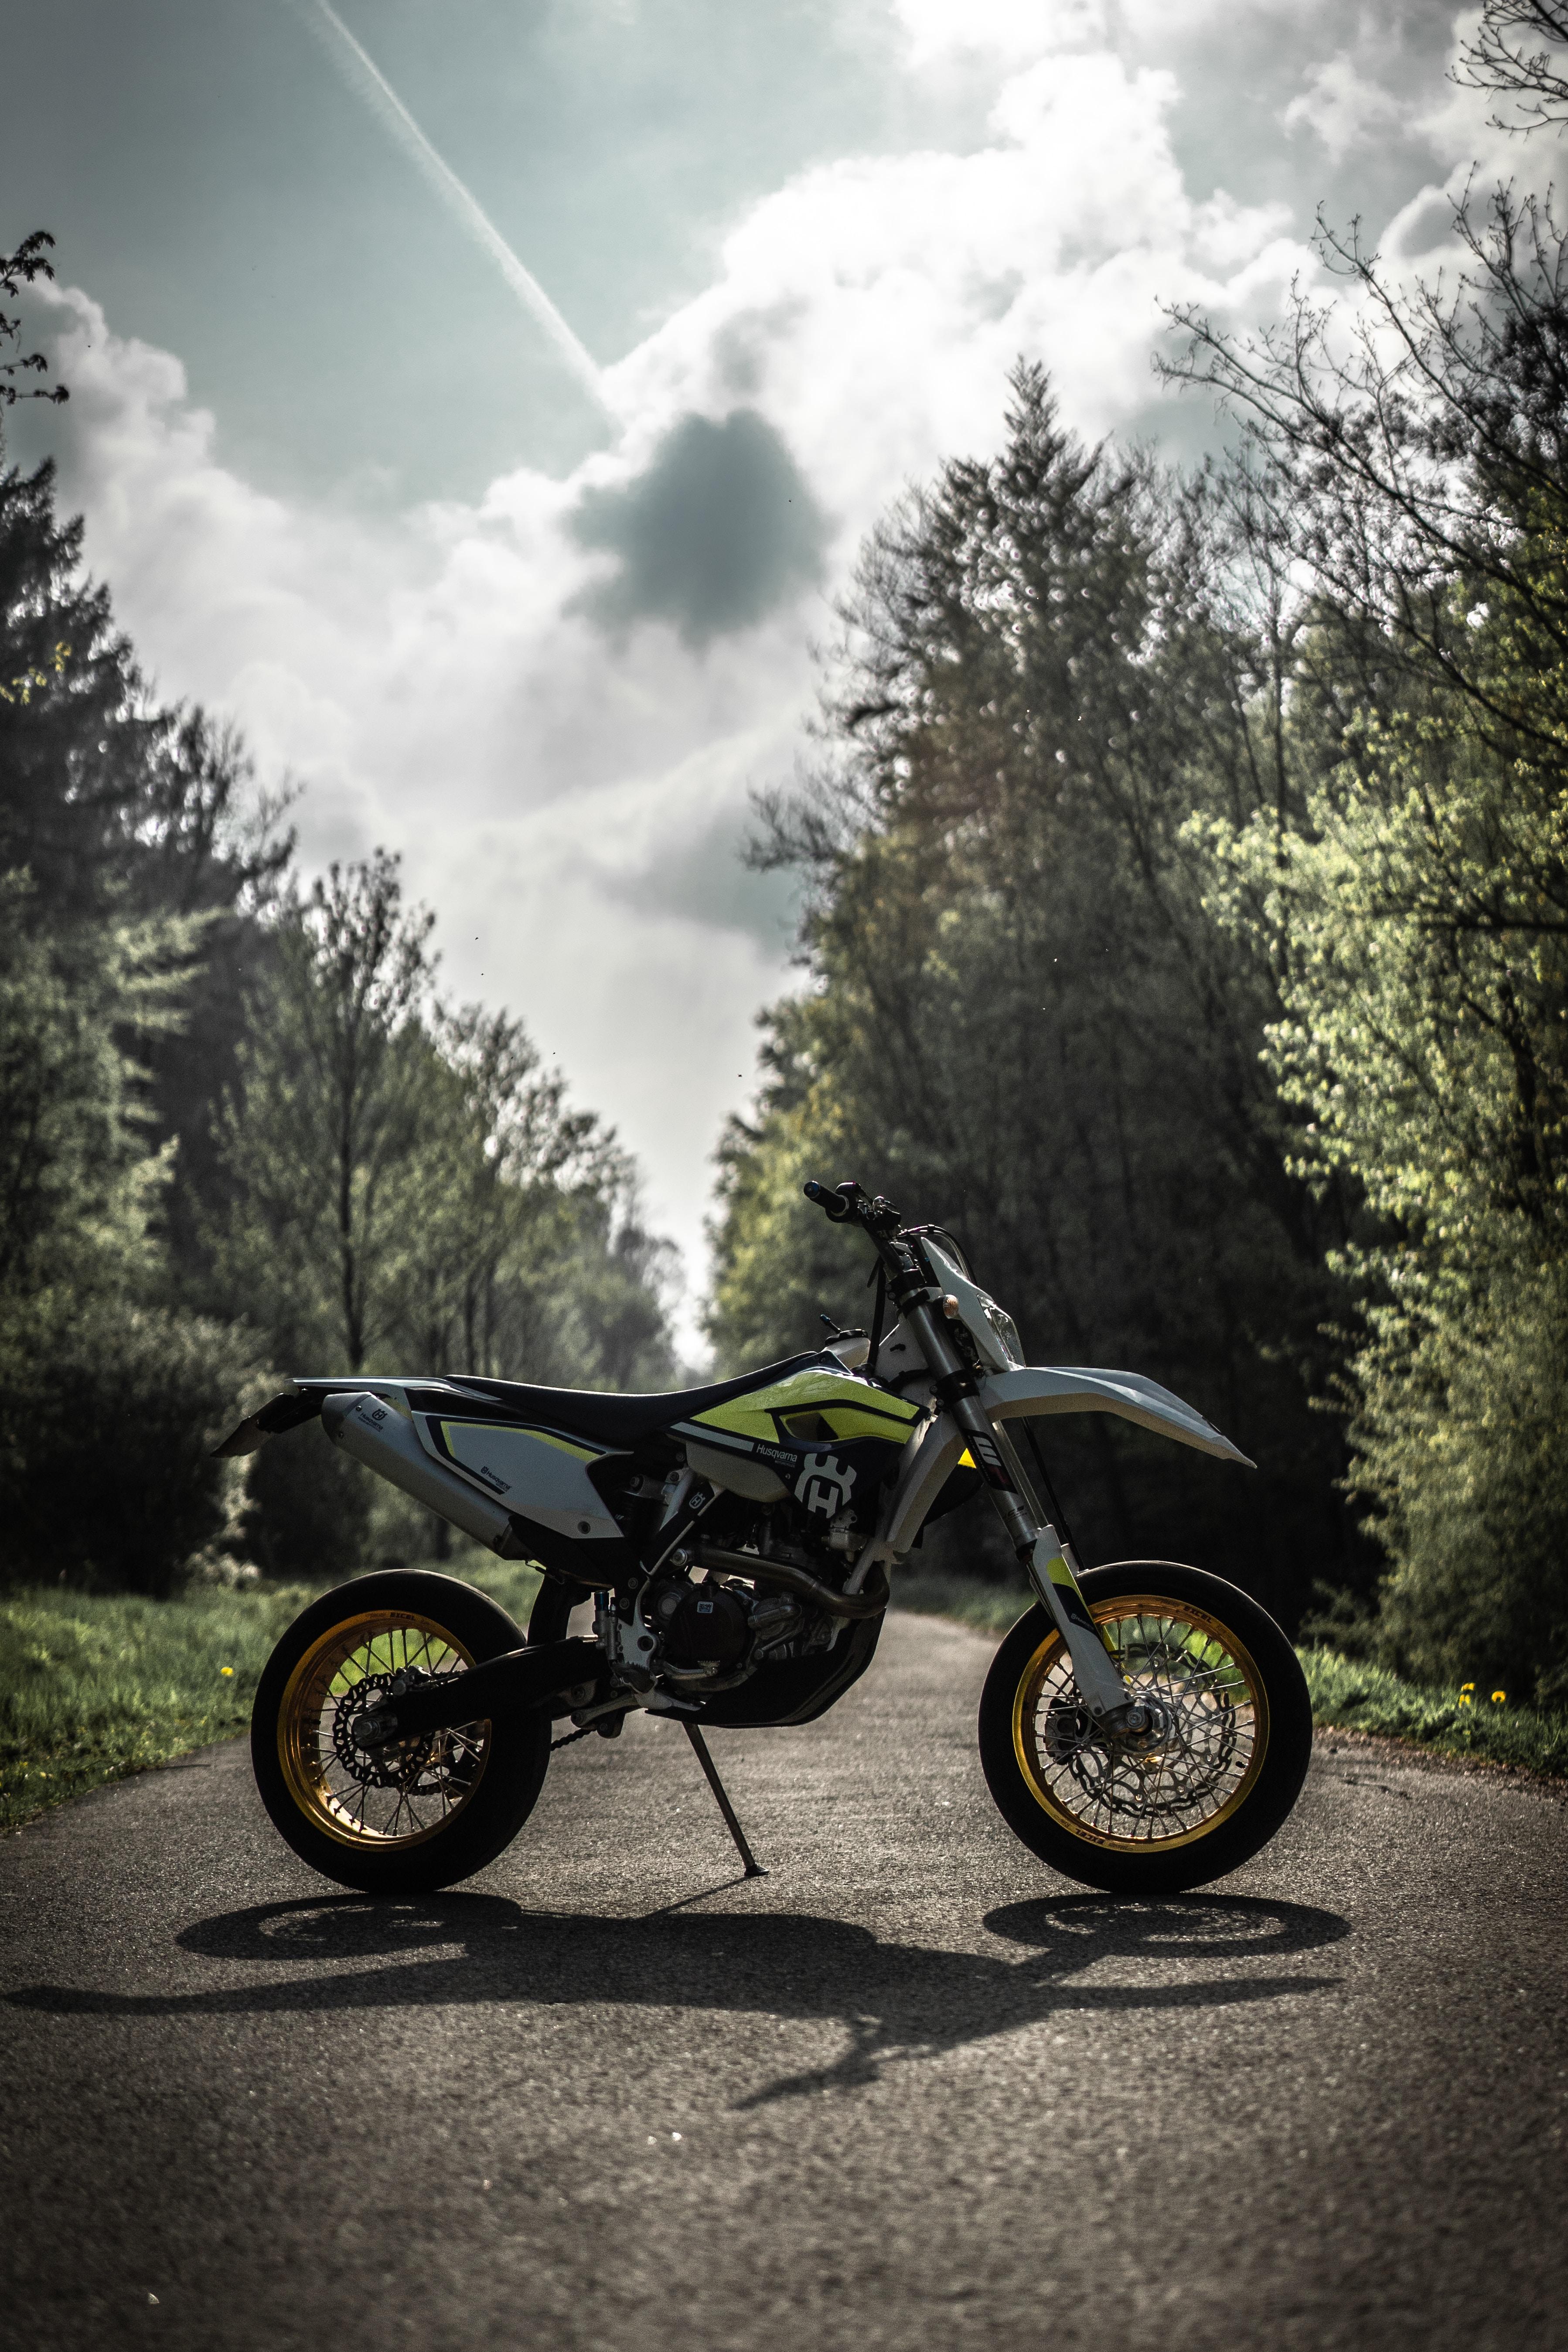 115088 Hintergrundbild herunterladen Motorräder, Sport, Seitenansicht, Motorrad, Fahrrad, Pitbike - Bildschirmschoner und Bilder kostenlos